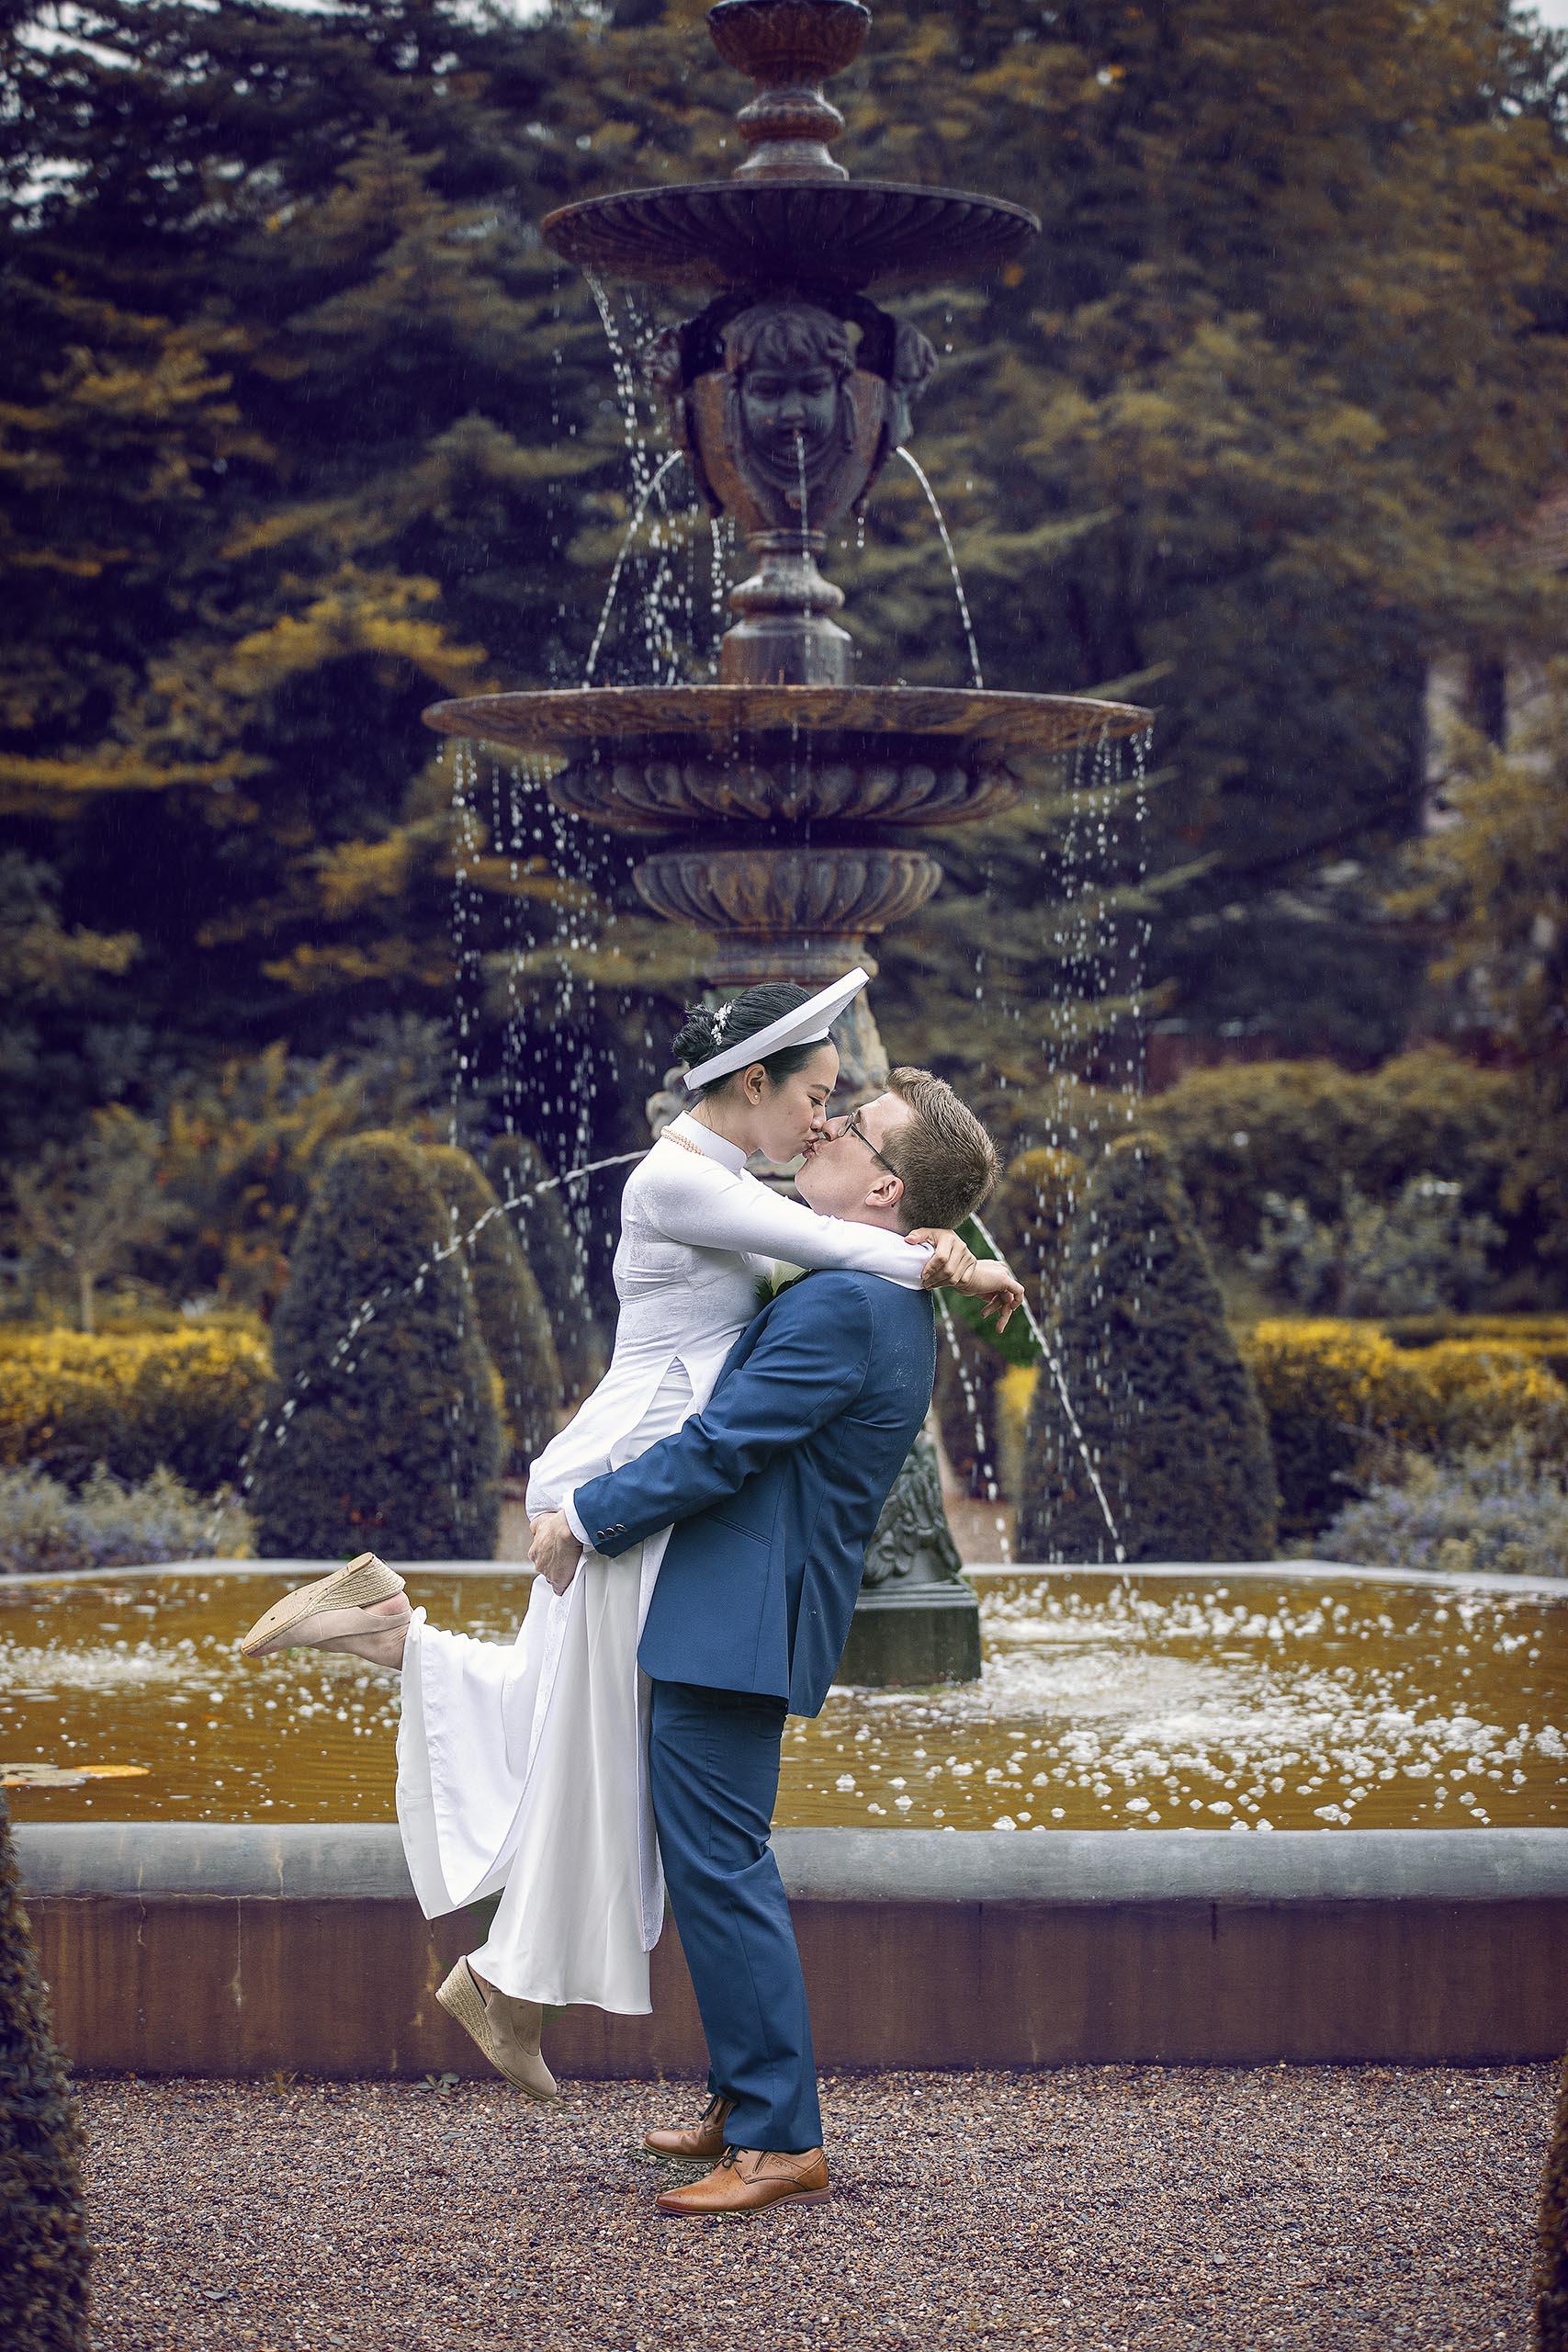 Hochzeitsfotografie vor einem Springbrunnen im Park Schloss Rheder